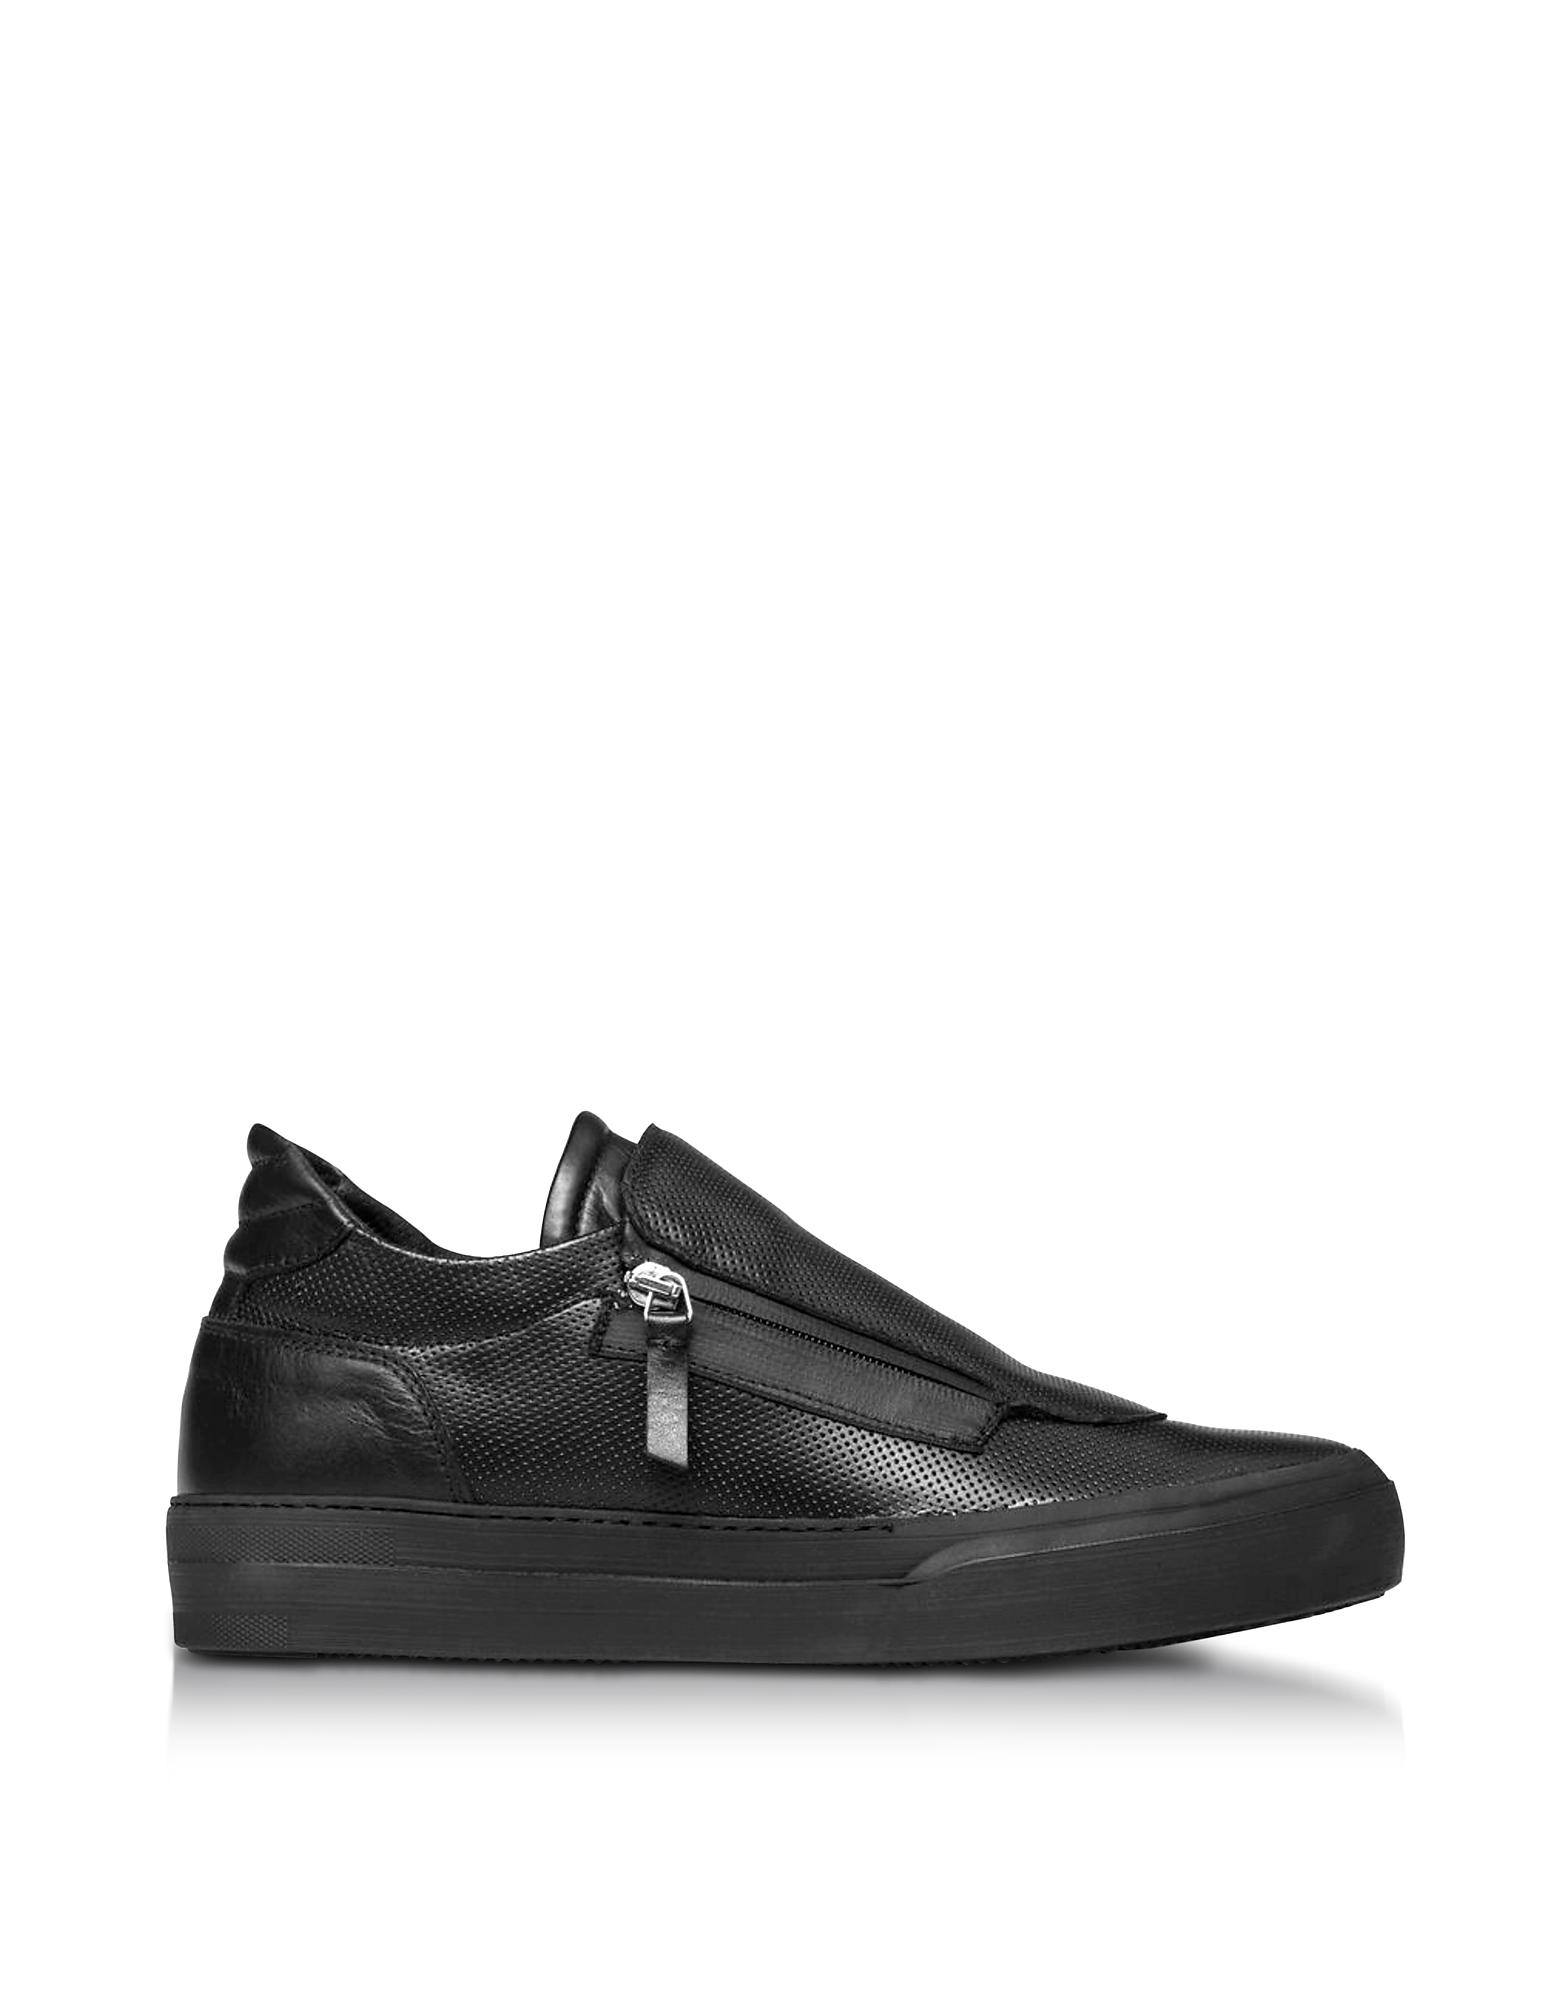 Giove - Черные Пефорированные Мужские Кроссовки из Кожи Наппа